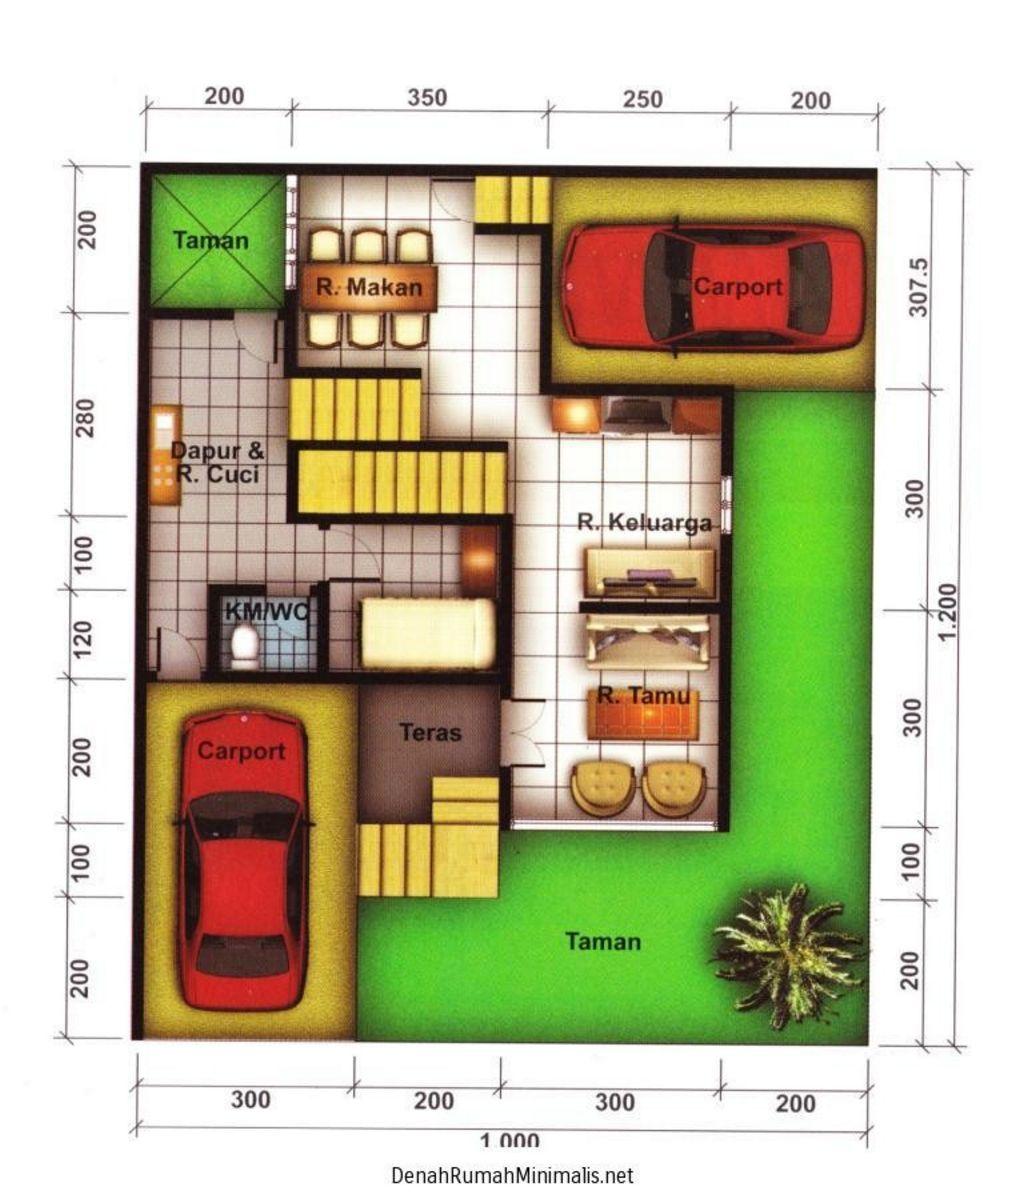 Rancangan Denah Rumah Hook 1 Lantai Terkini